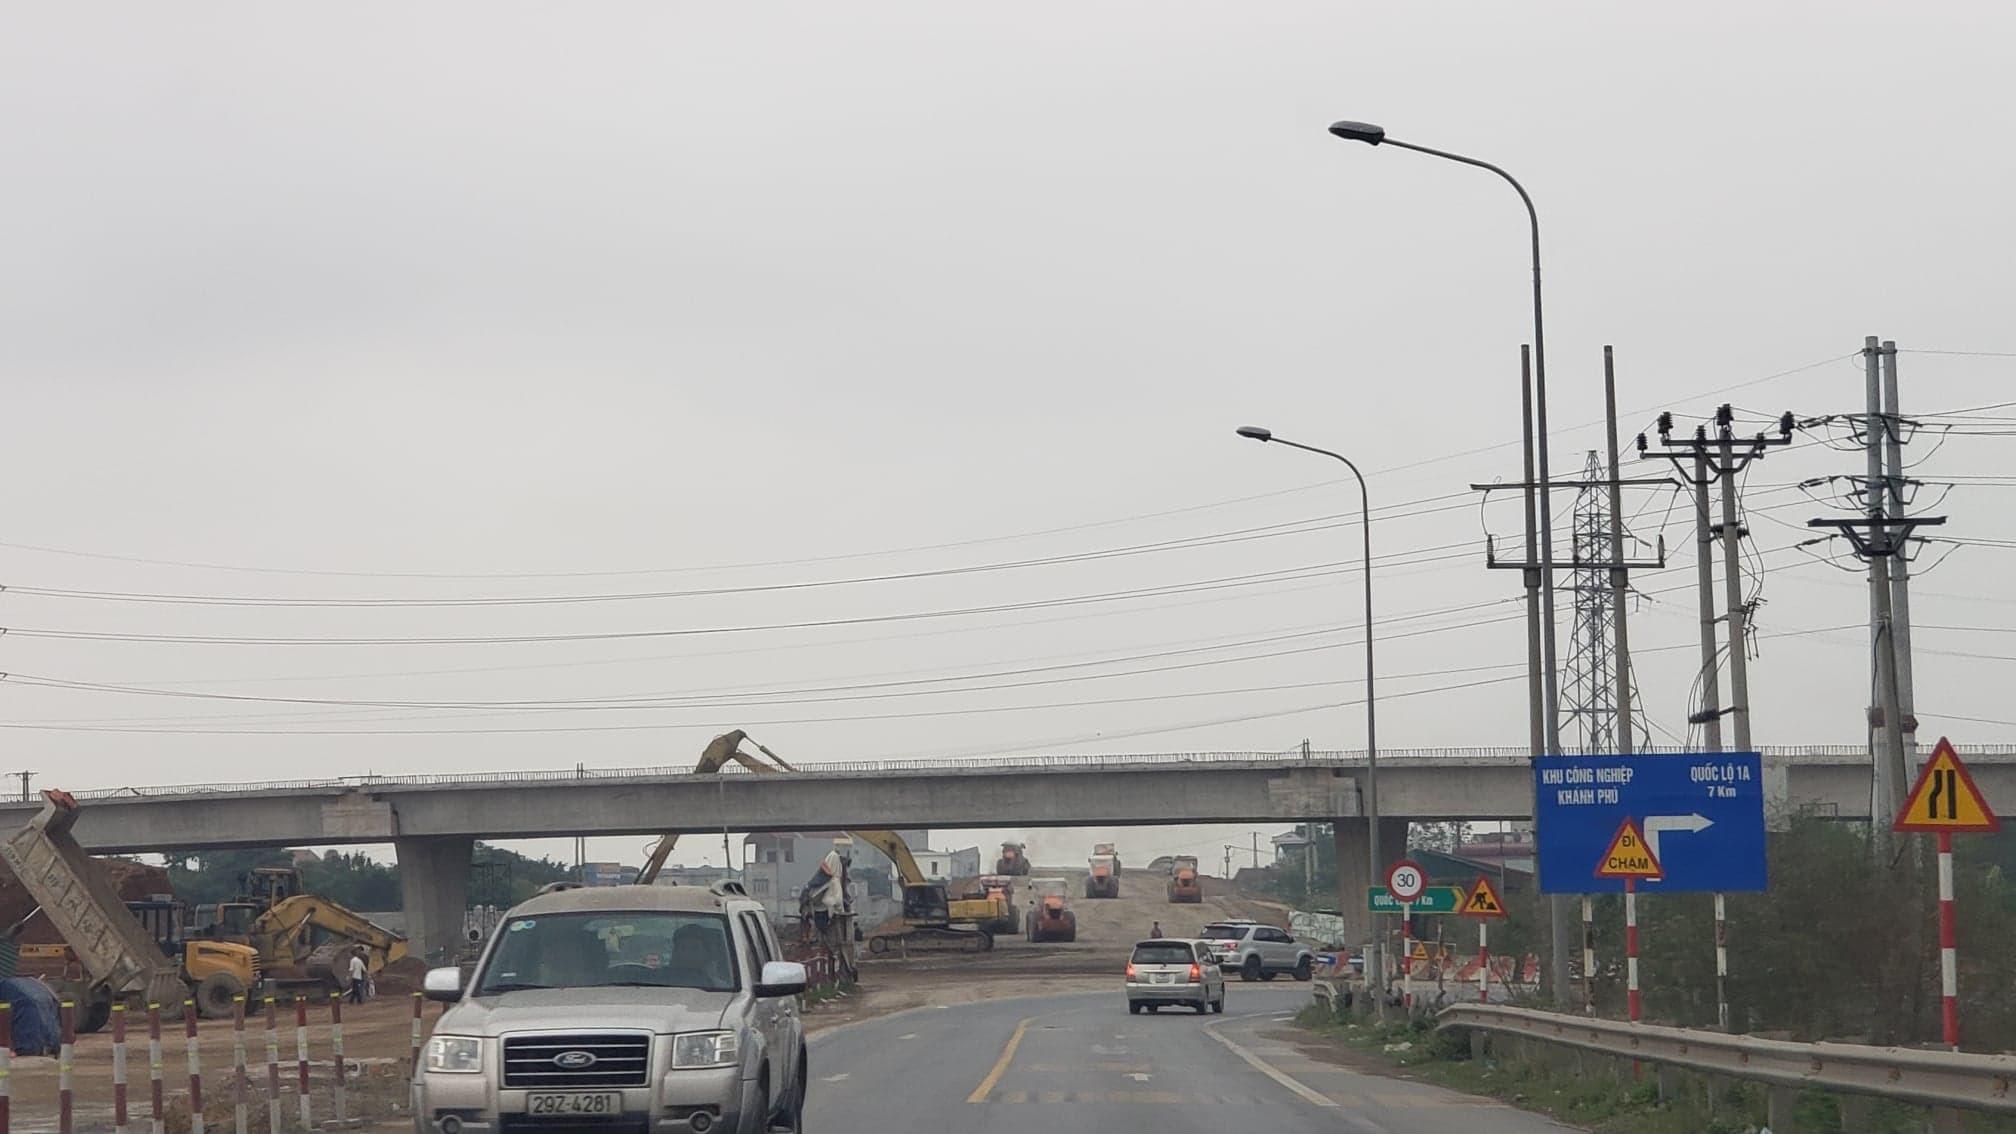 Cao tốc Bắc - Nam chậm mặt bằng, lo thiếu vật liệu